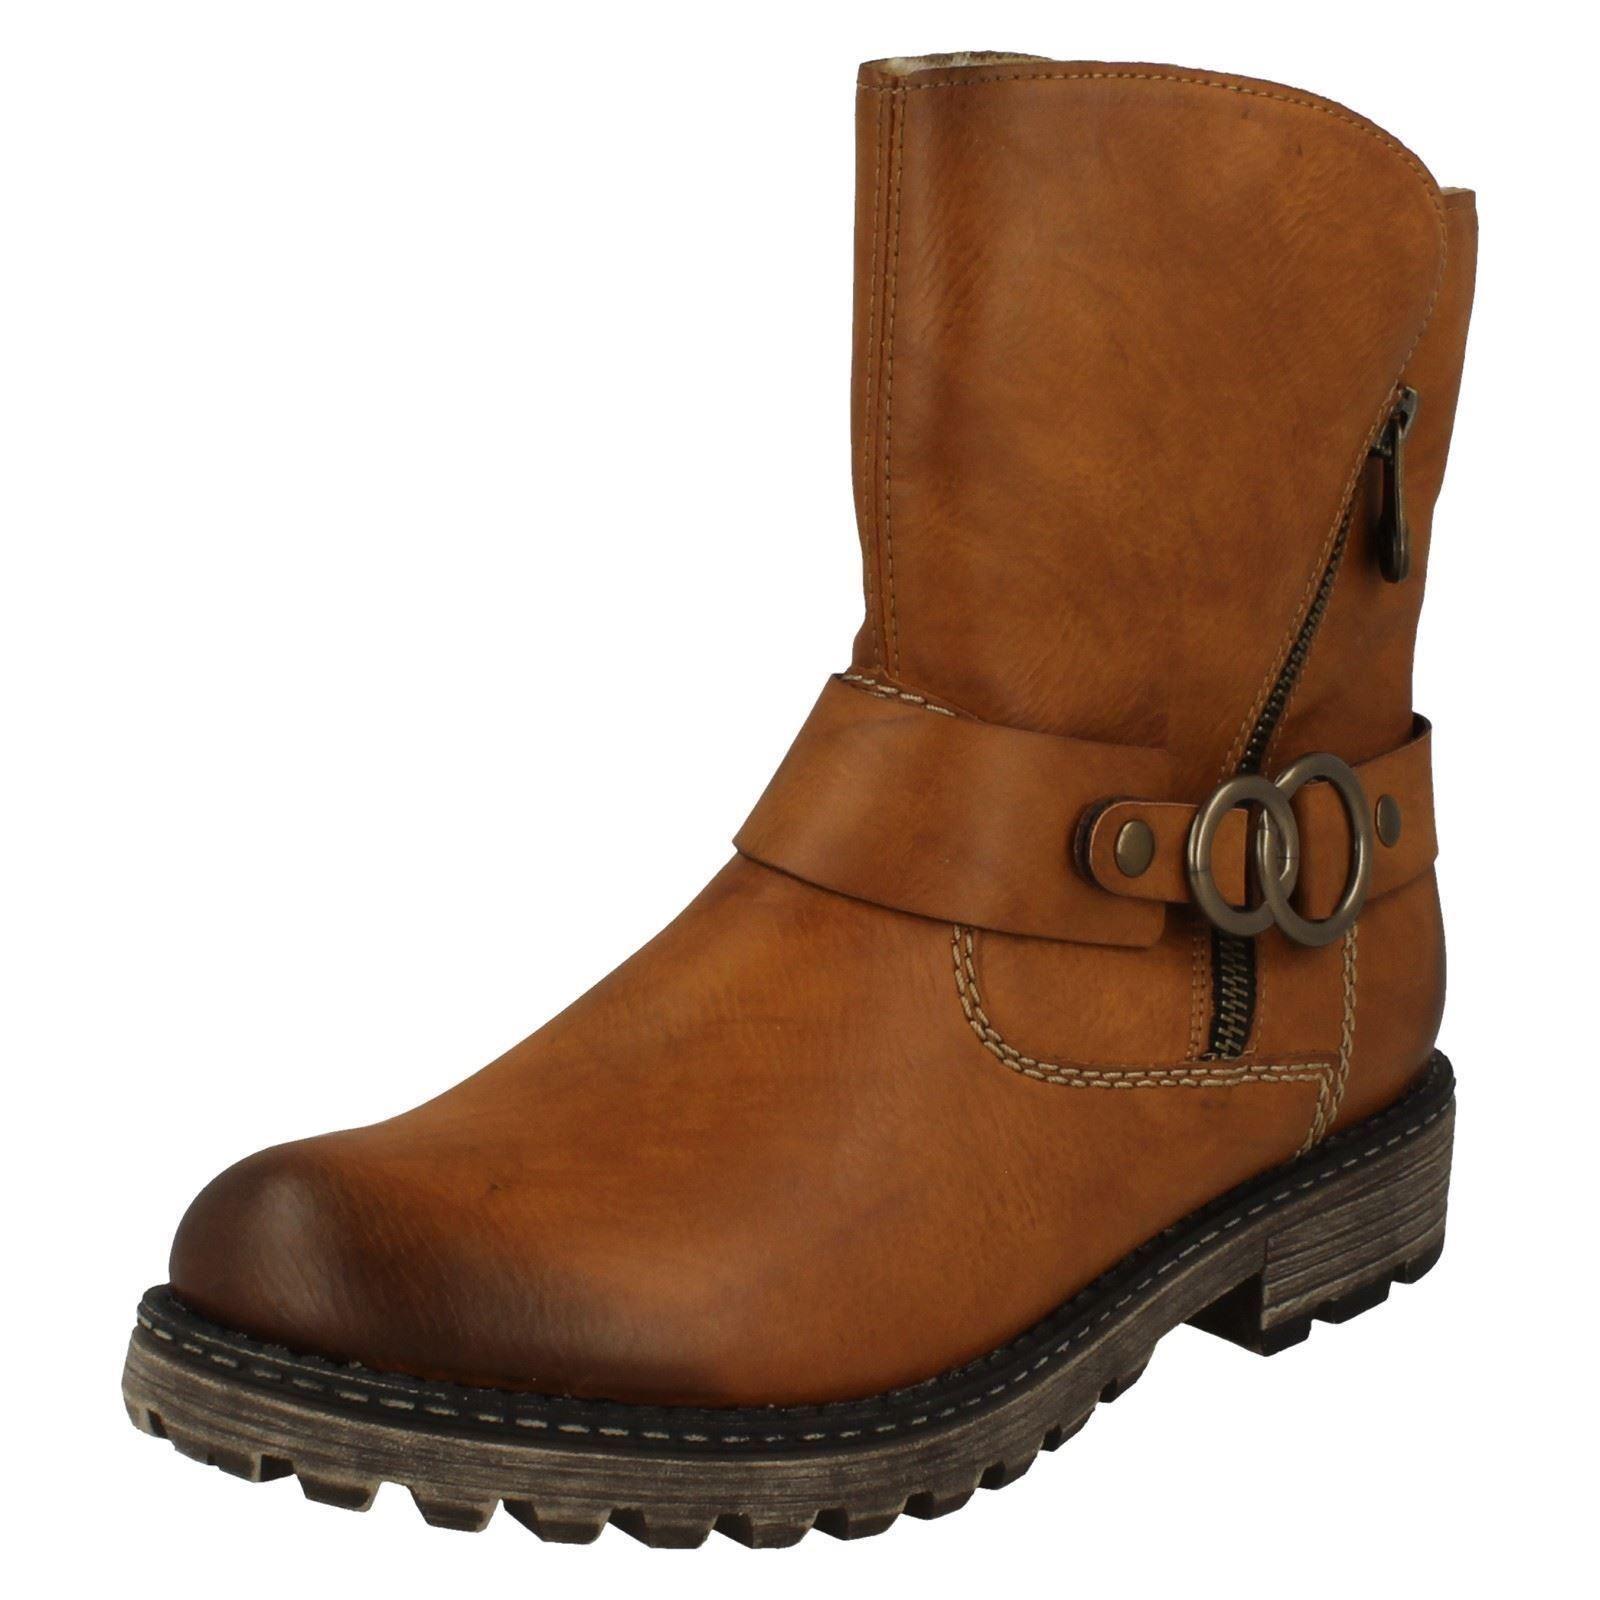 Negro Gabor 67a599 negro Zapatos 802 47 Botas mel Señora 72 SEwrqSz